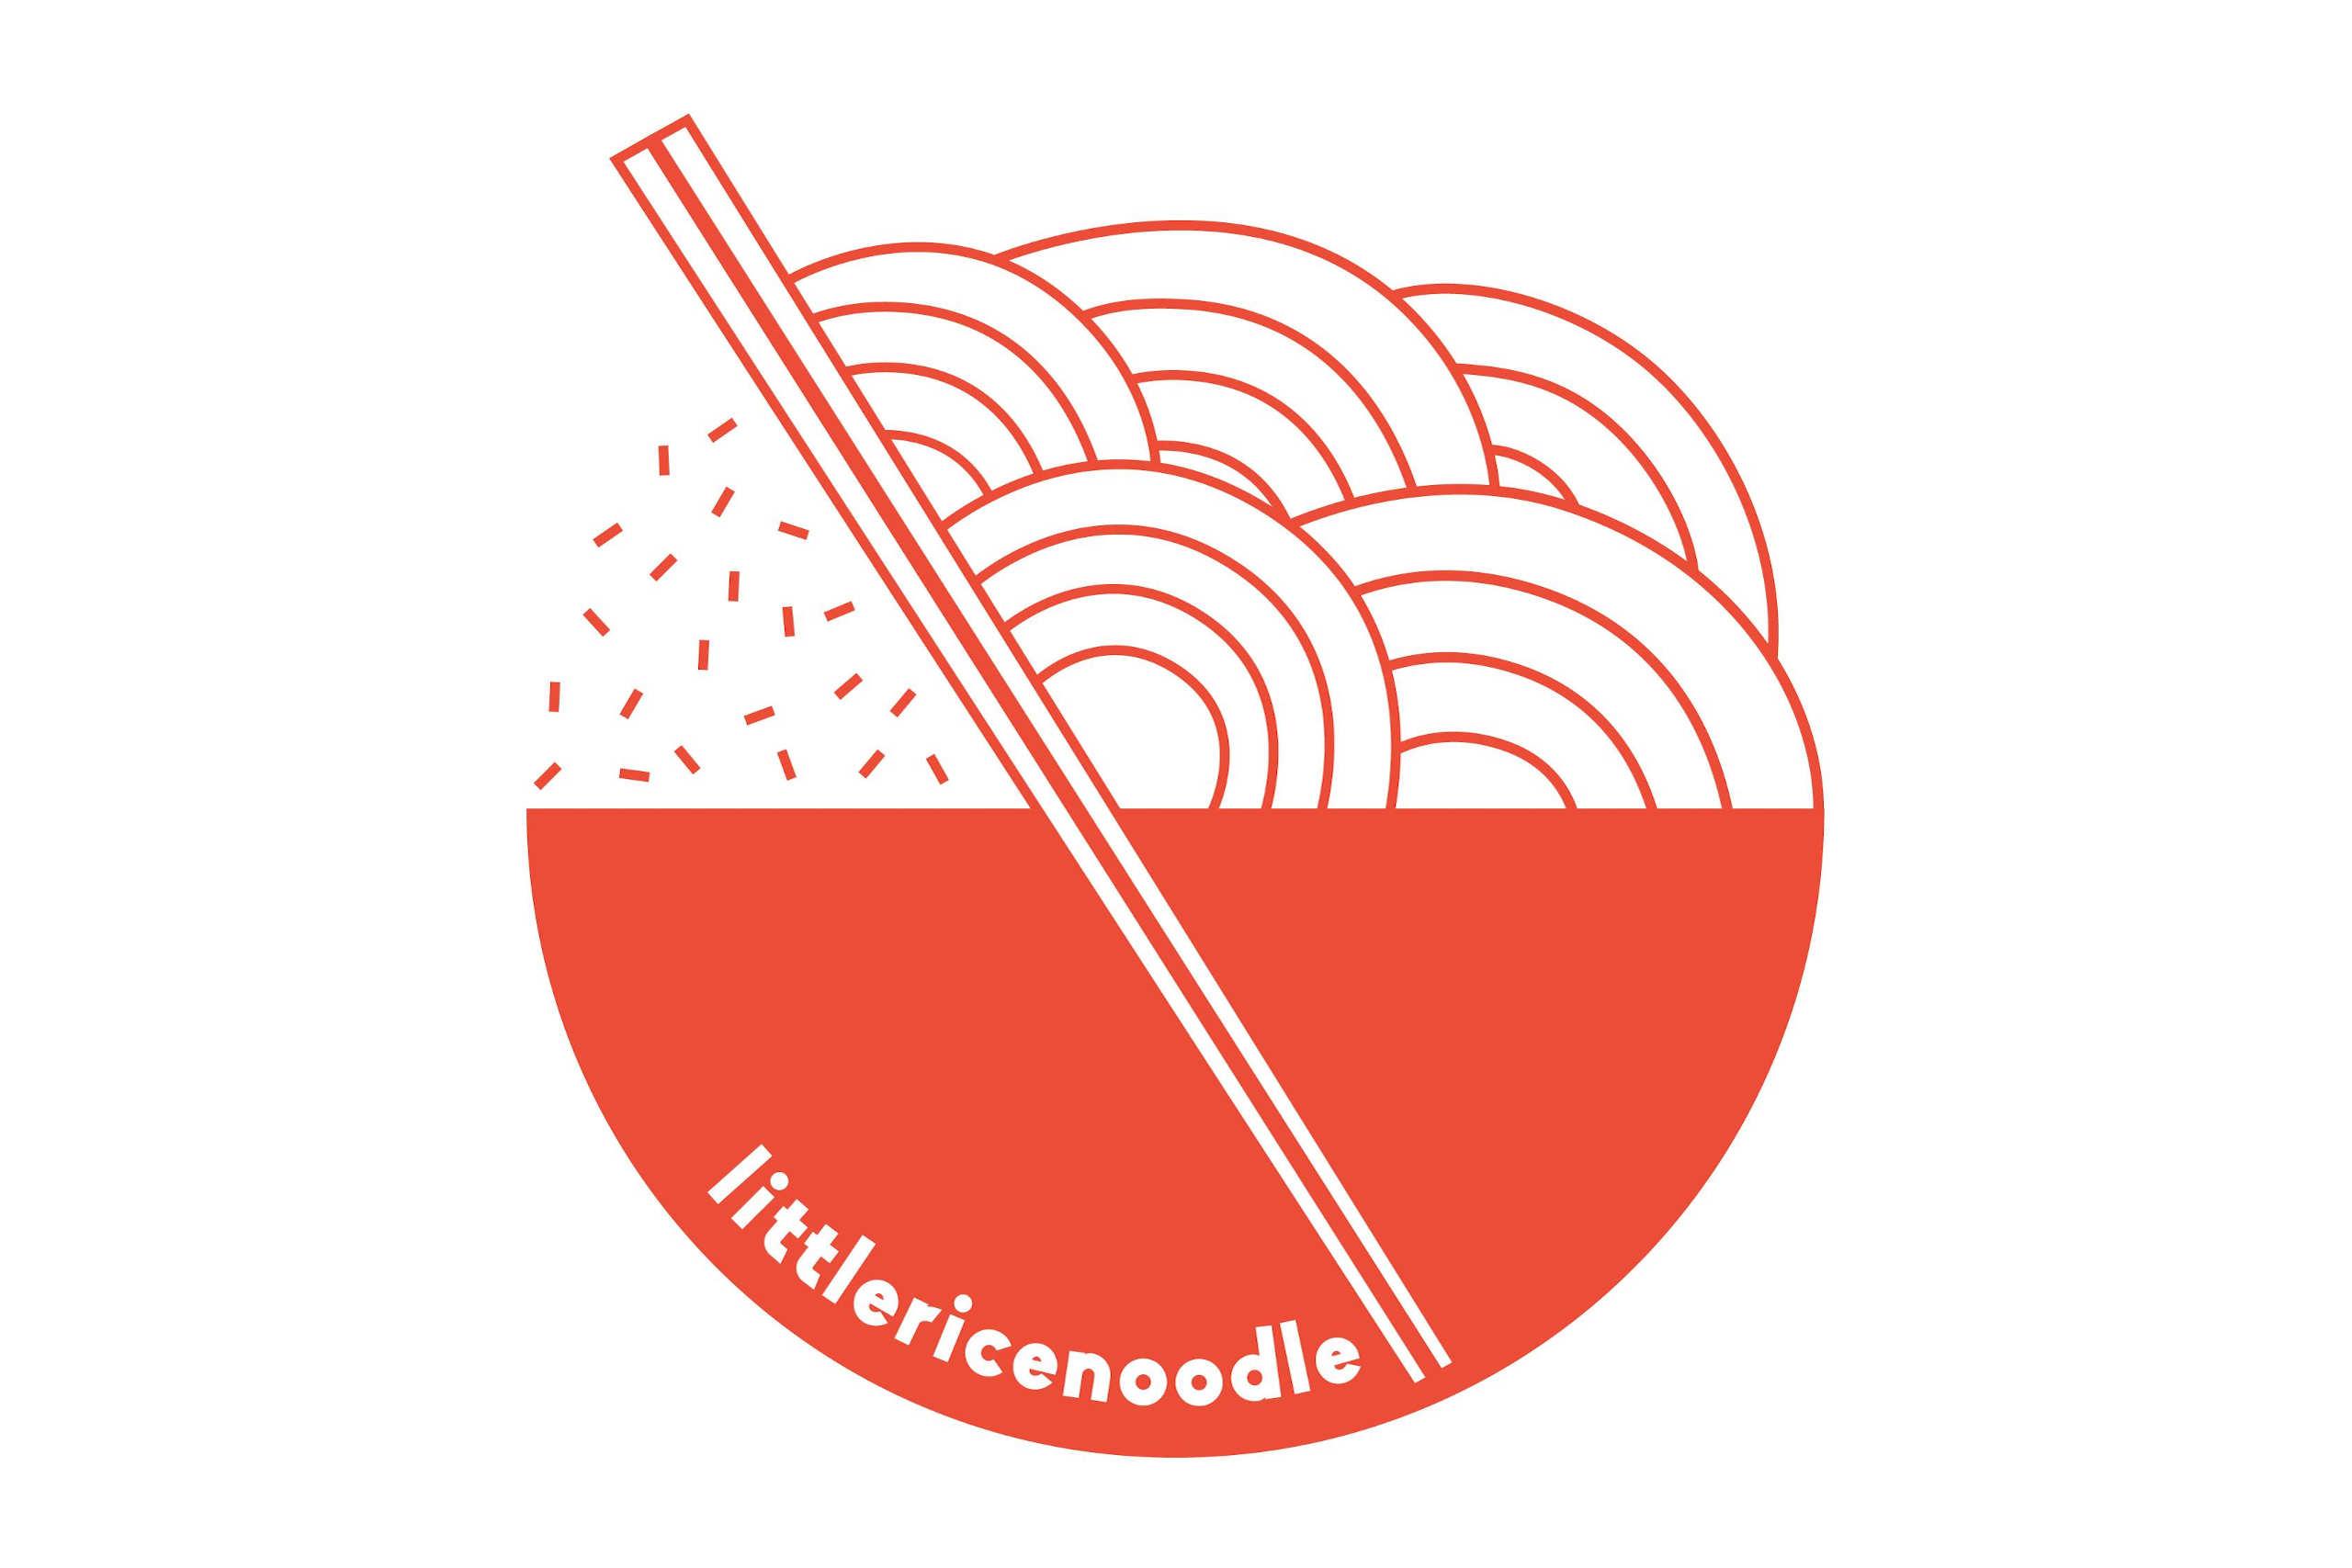 Littlericenoodle Logo